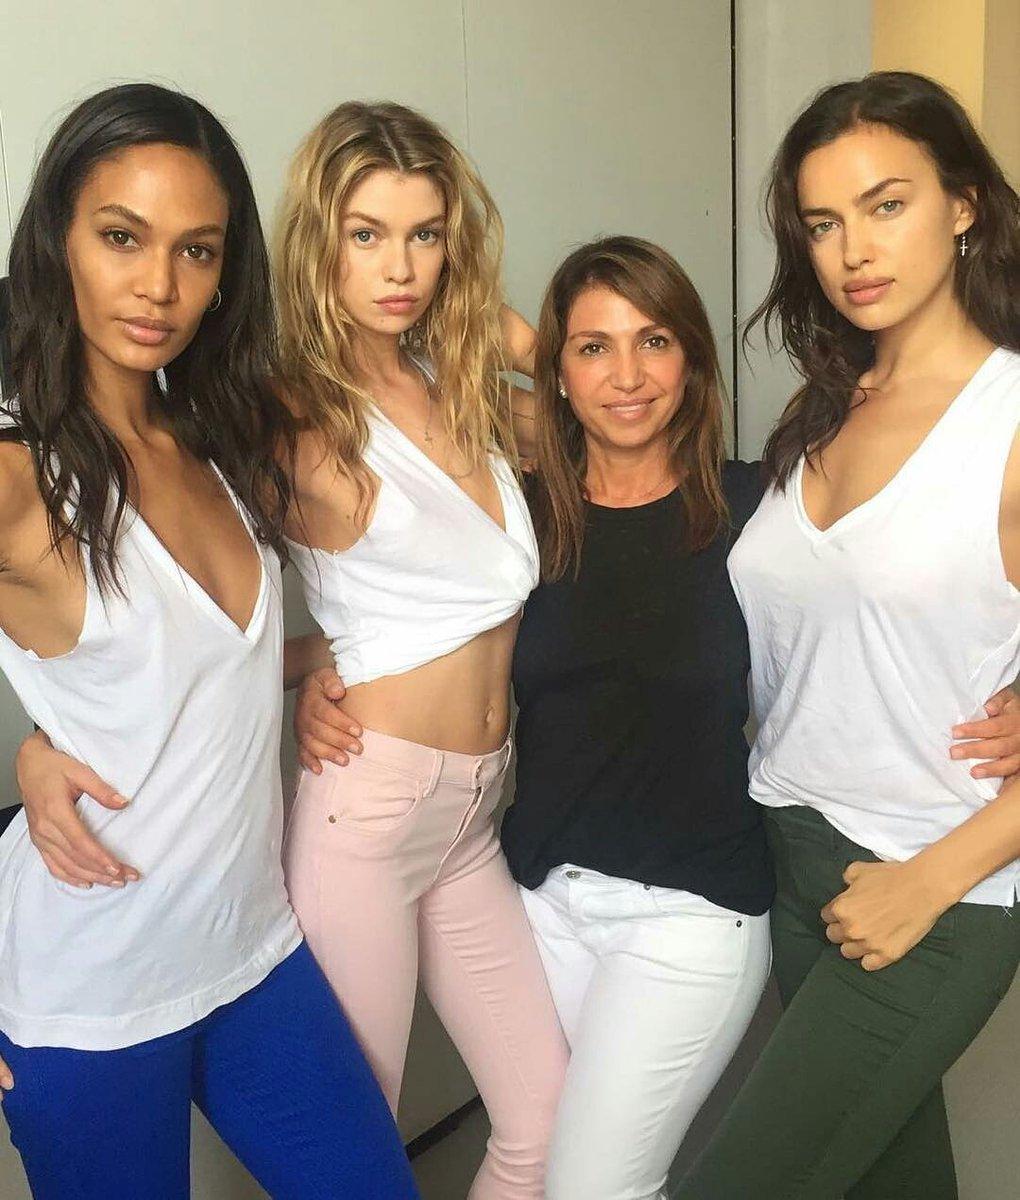 Watch Joan smalls stella maxwell and irina shayk topless video